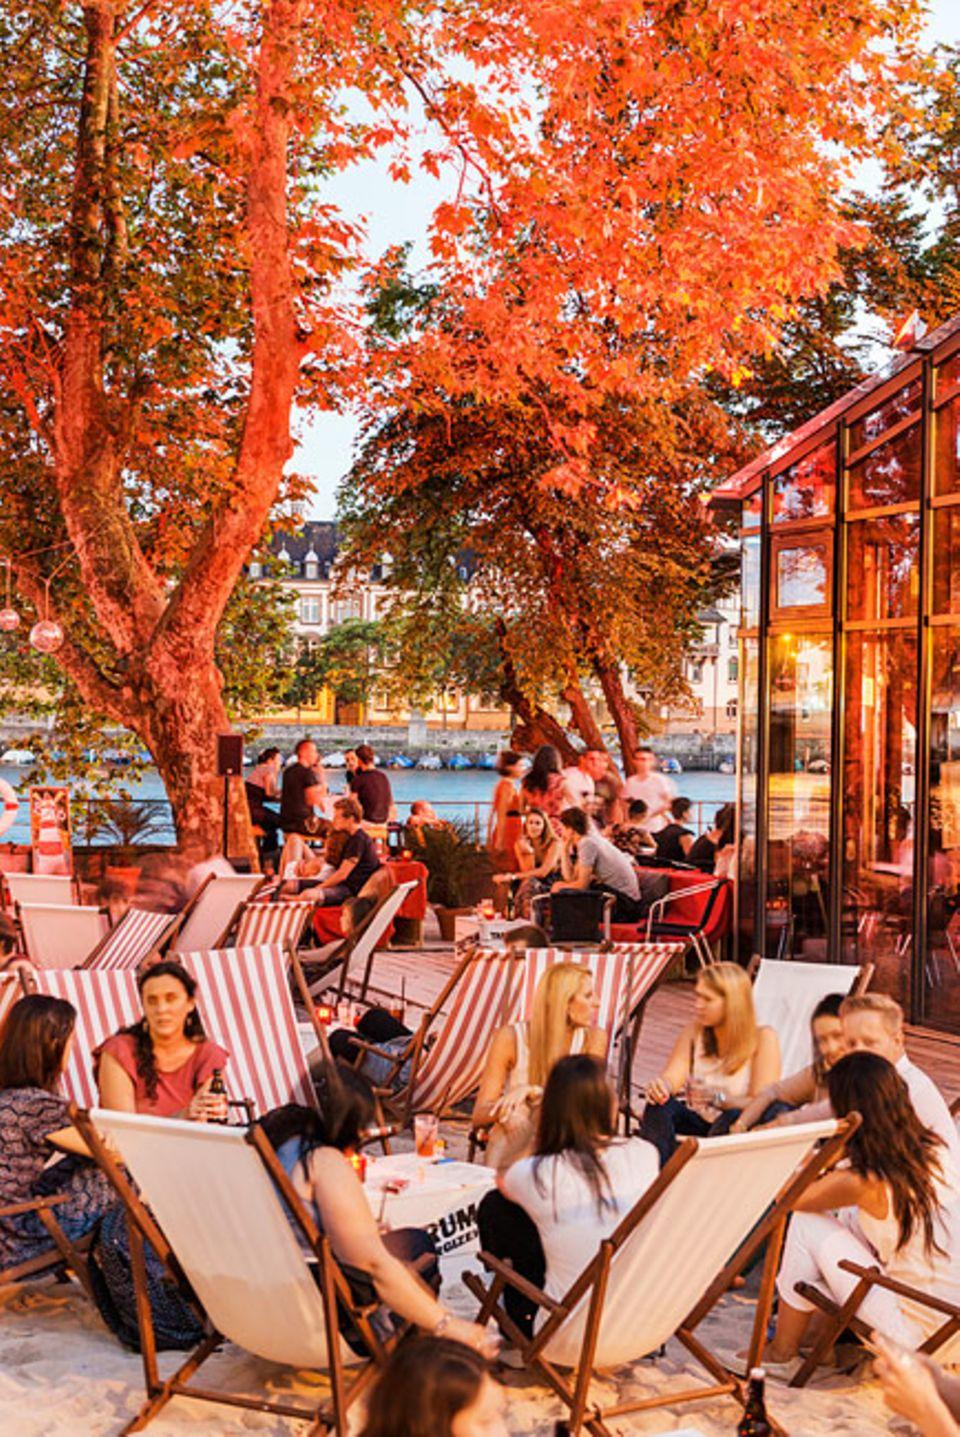 """REISEZIEL: Die Strandbar """"Sandkasten"""" ist nicht nur bei Studenten beliebt. Sie liegt direkt am Seerhein mit Blick auf die malerische Altstadt"""